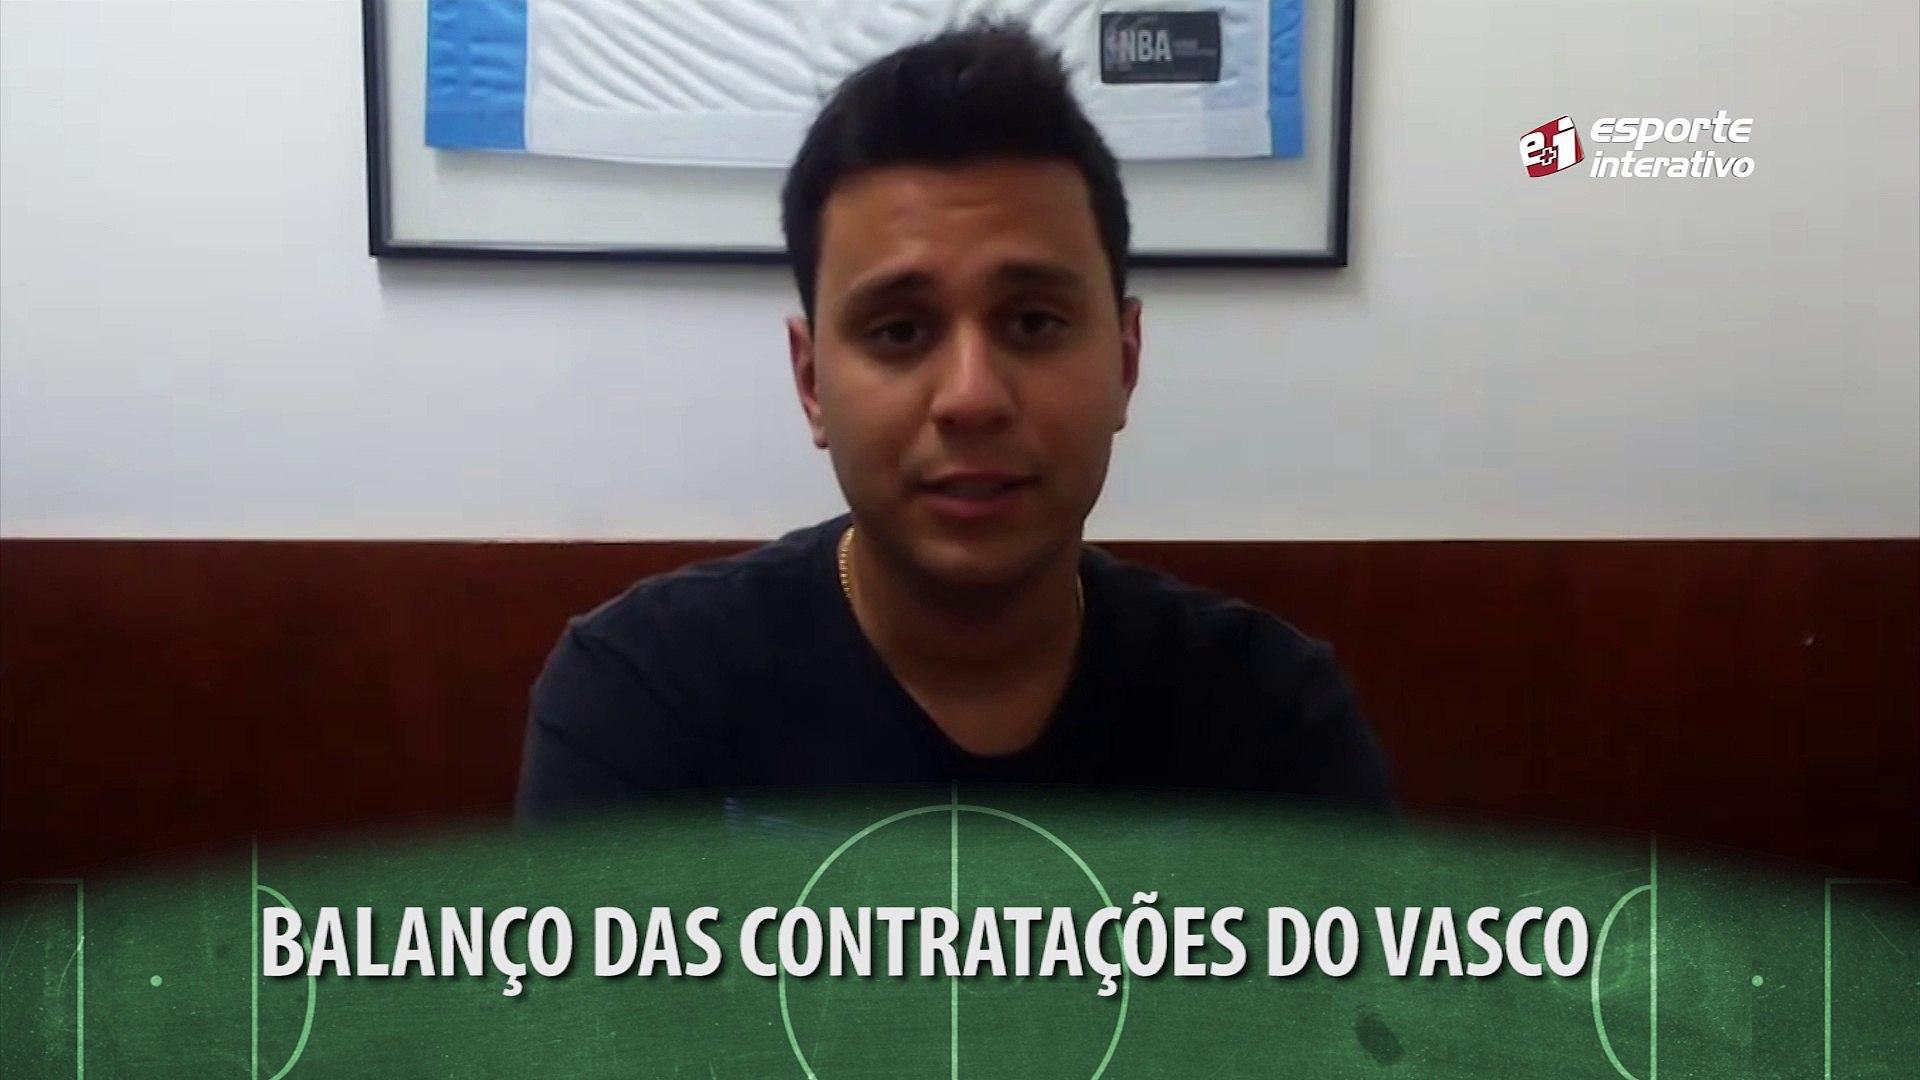 Confira o balanço das contratações do Vasco neste início de 2015